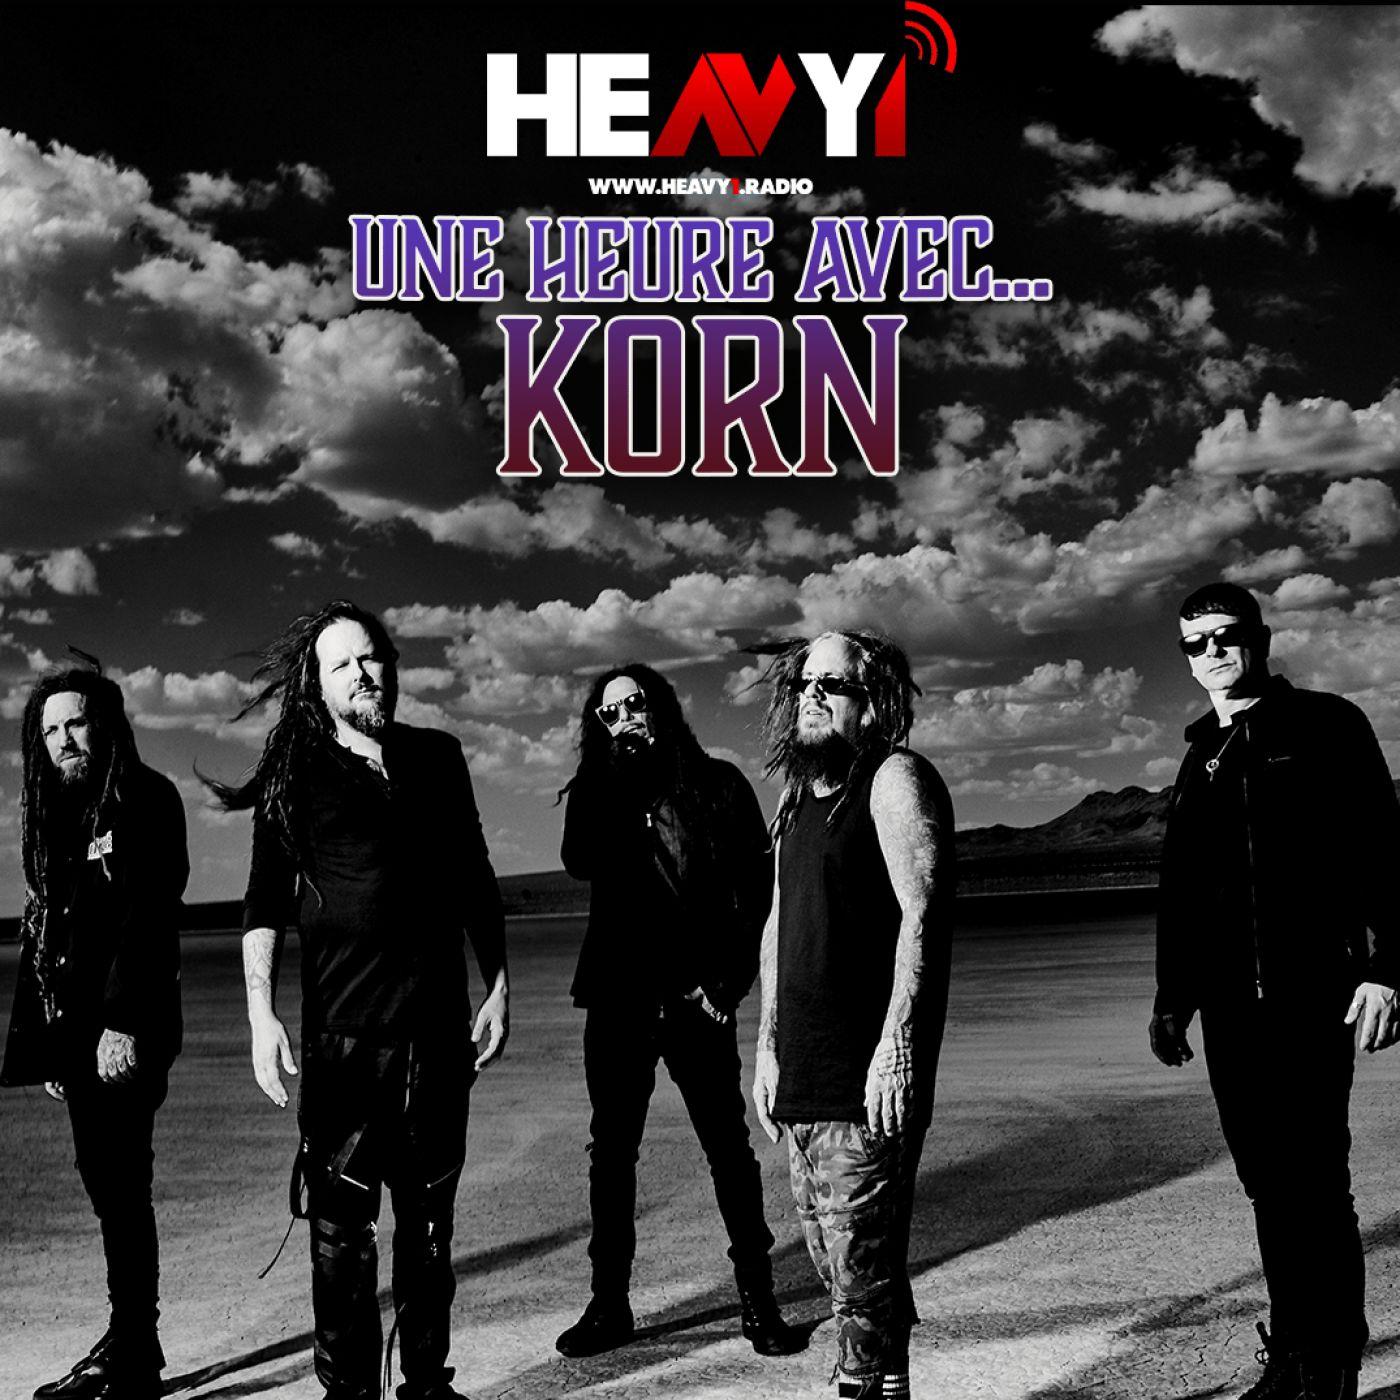 Une heure avec... Korn